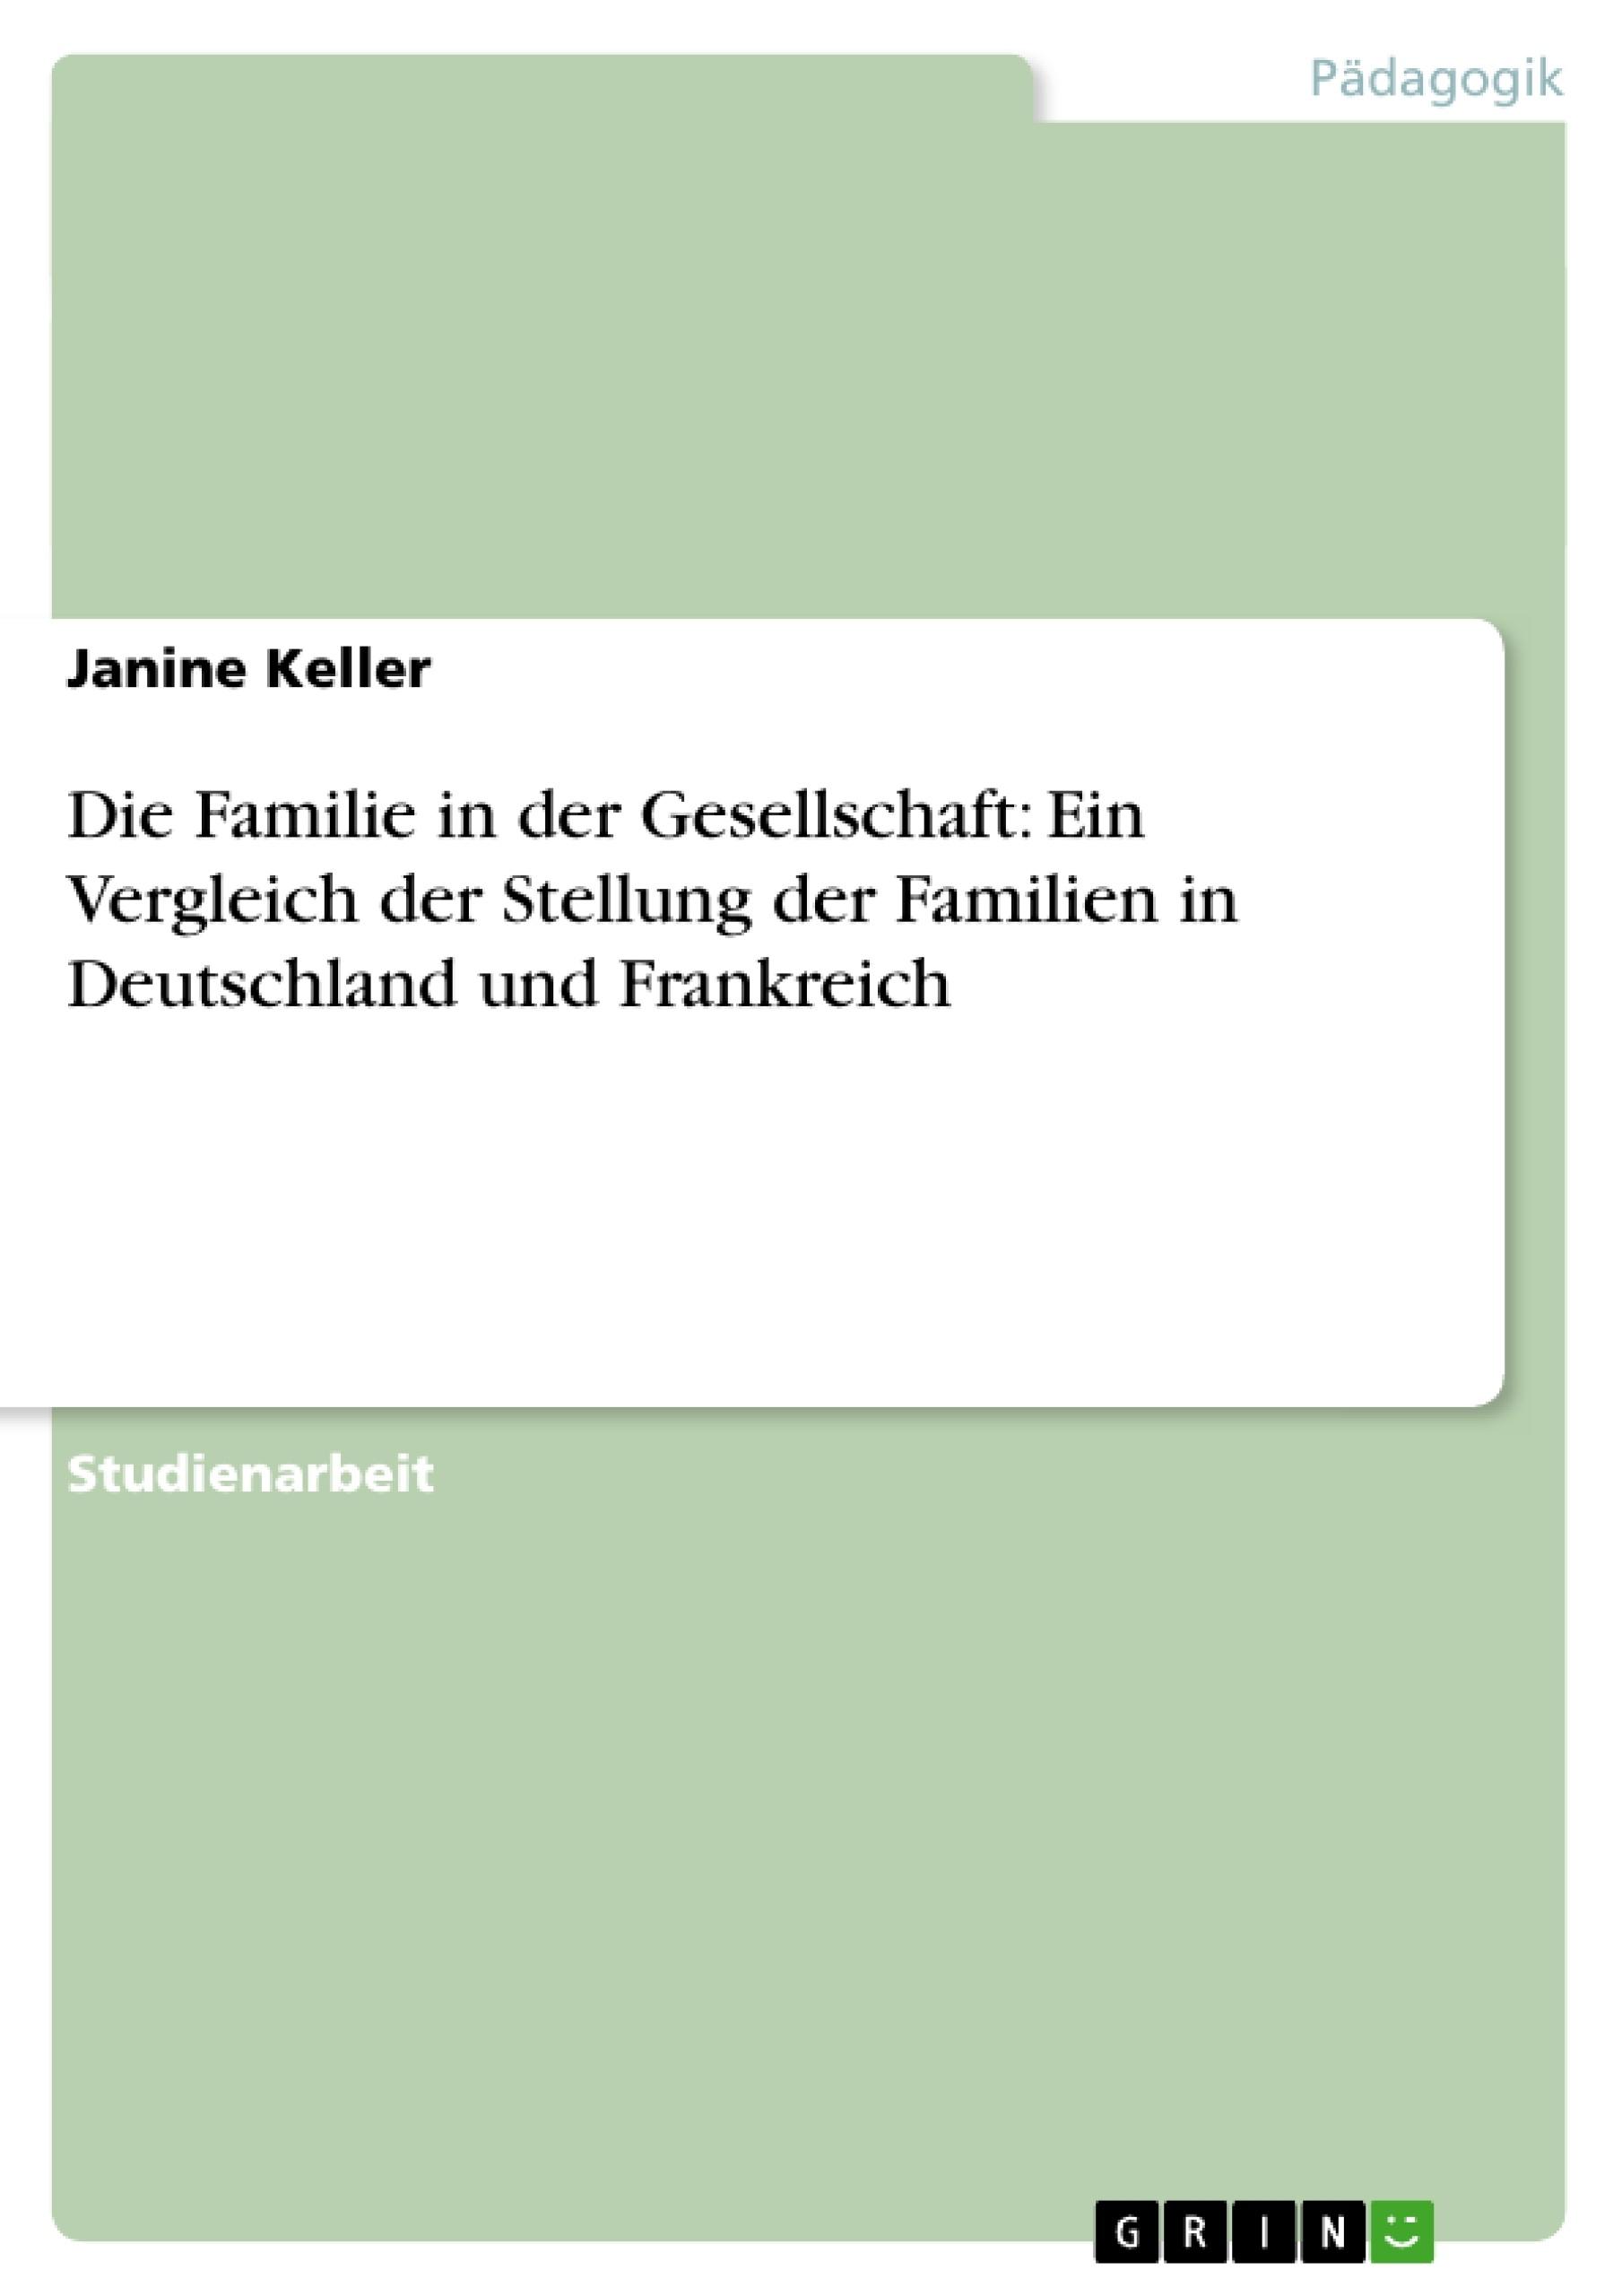 Titel: Die Familie in der Gesellschaft: Ein Vergleich der Stellung der Familien in Deutschland und Frankreich